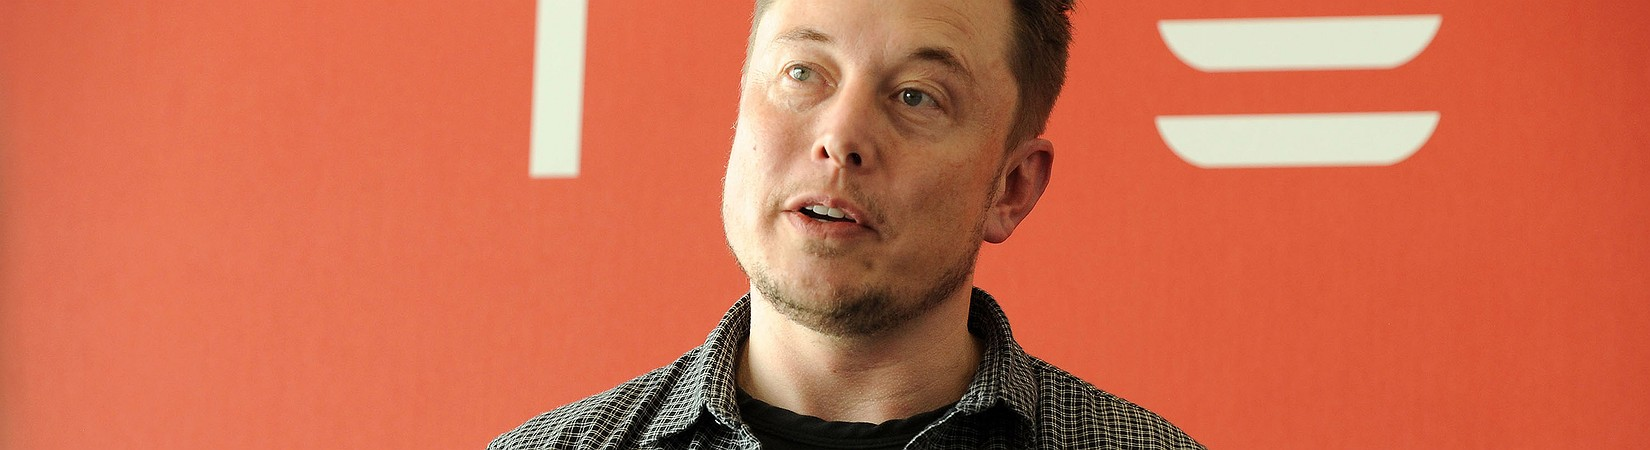 Elon Musk tells Tesla shareholders to buy Ford stock